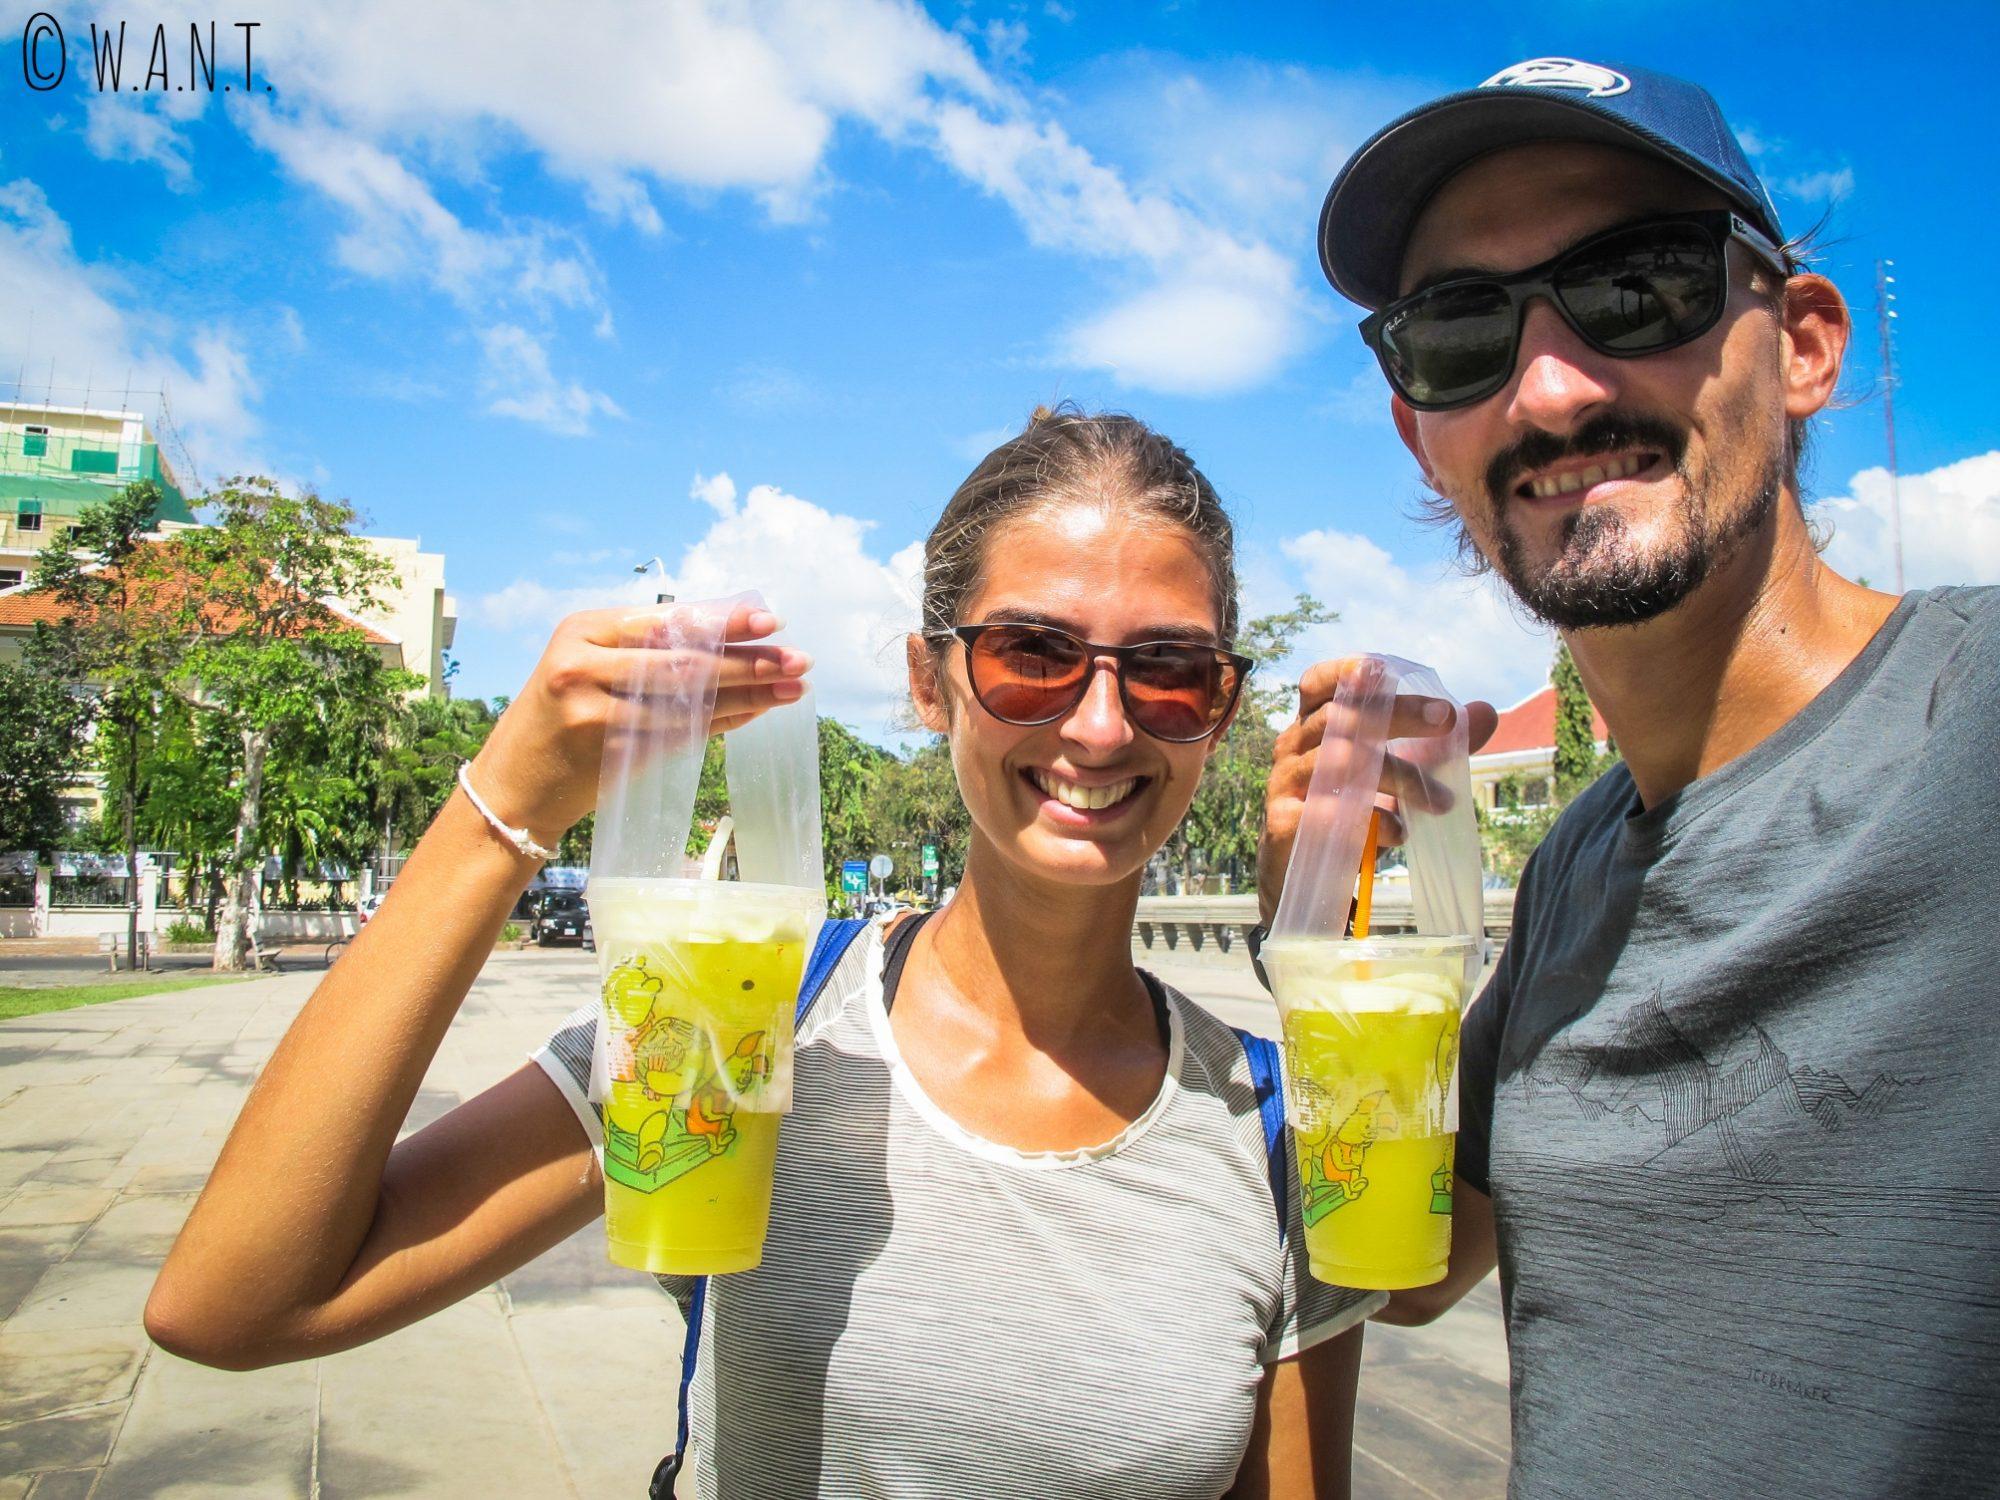 Nous sommes heureux de déguster des jus de canne à sucre dans les rues de Phnom Penh